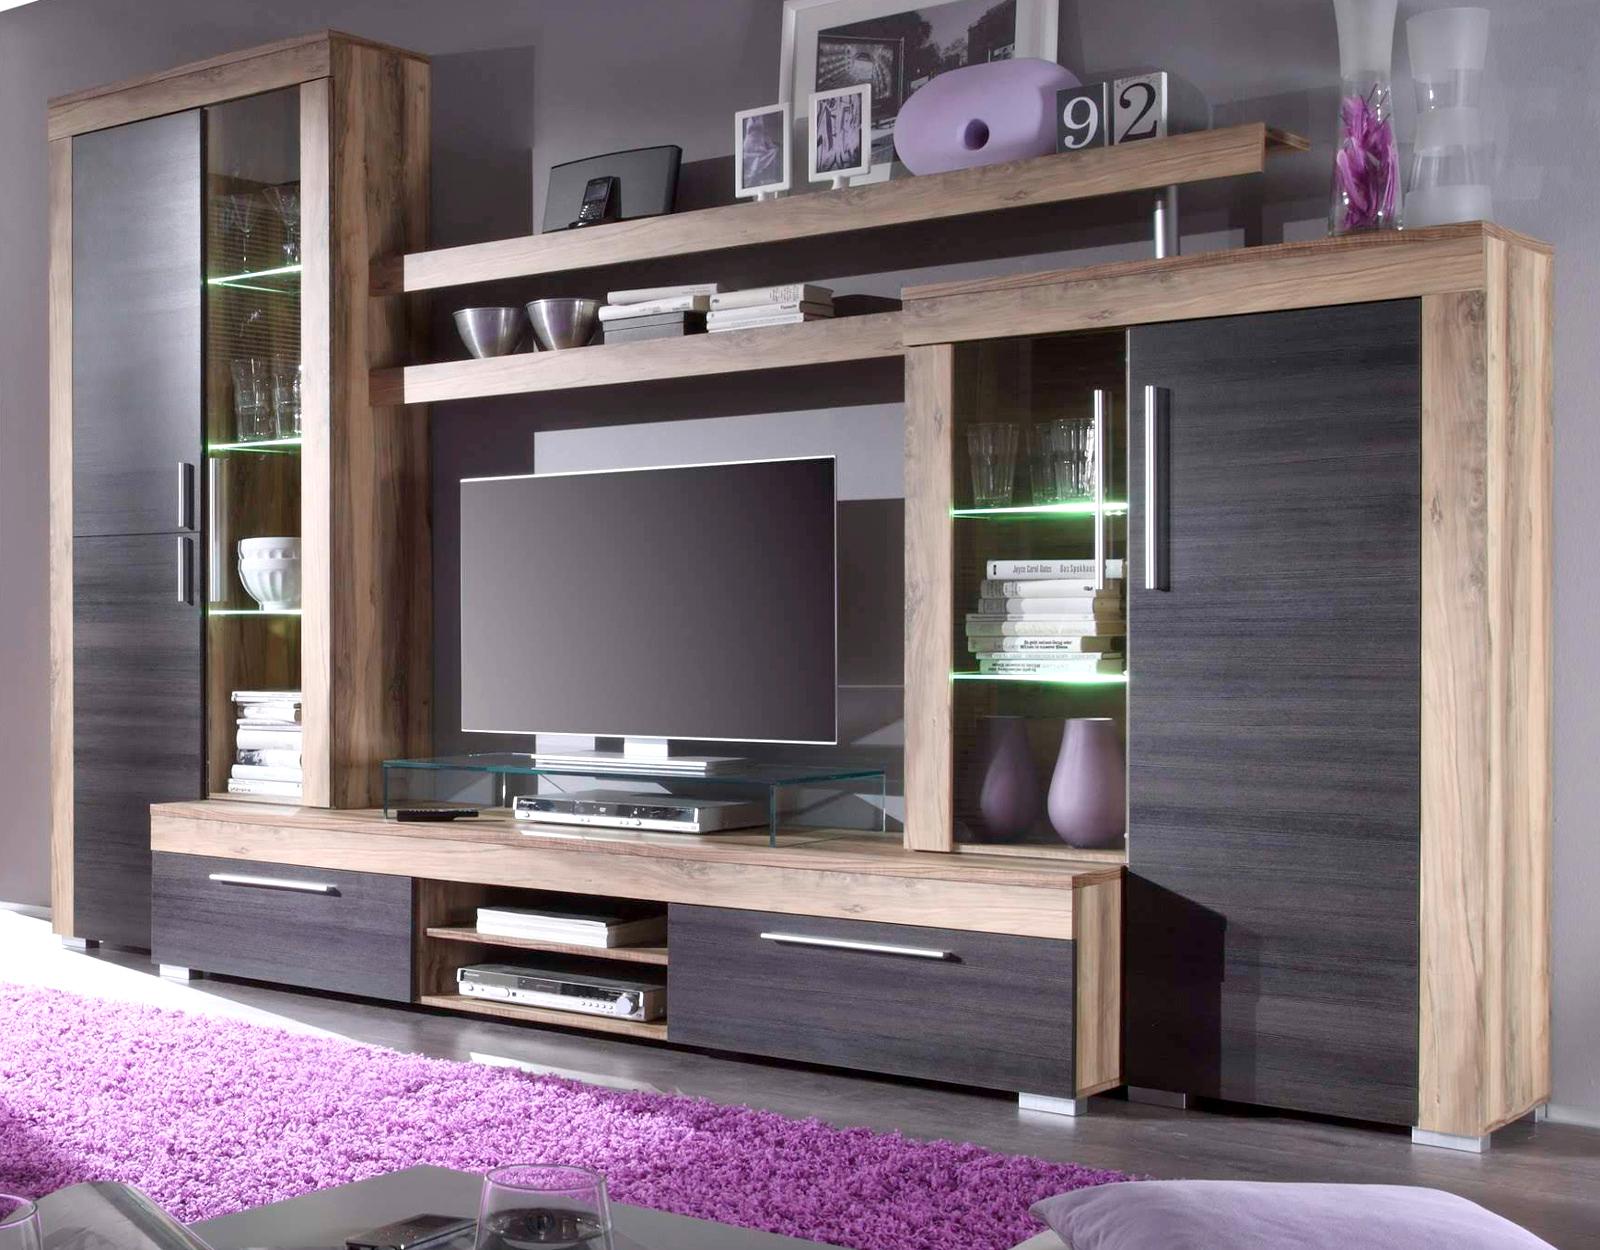 Full Size of Wohnzimmer Schrankwand Kaufen Wohnzimmer Schrankwand Modern Wohnzimmer Schrankwand Selbst Zusammenstellen Wohnzimmer Schrankwand Weiß Wohnzimmer Wohnzimmer Schrankwand